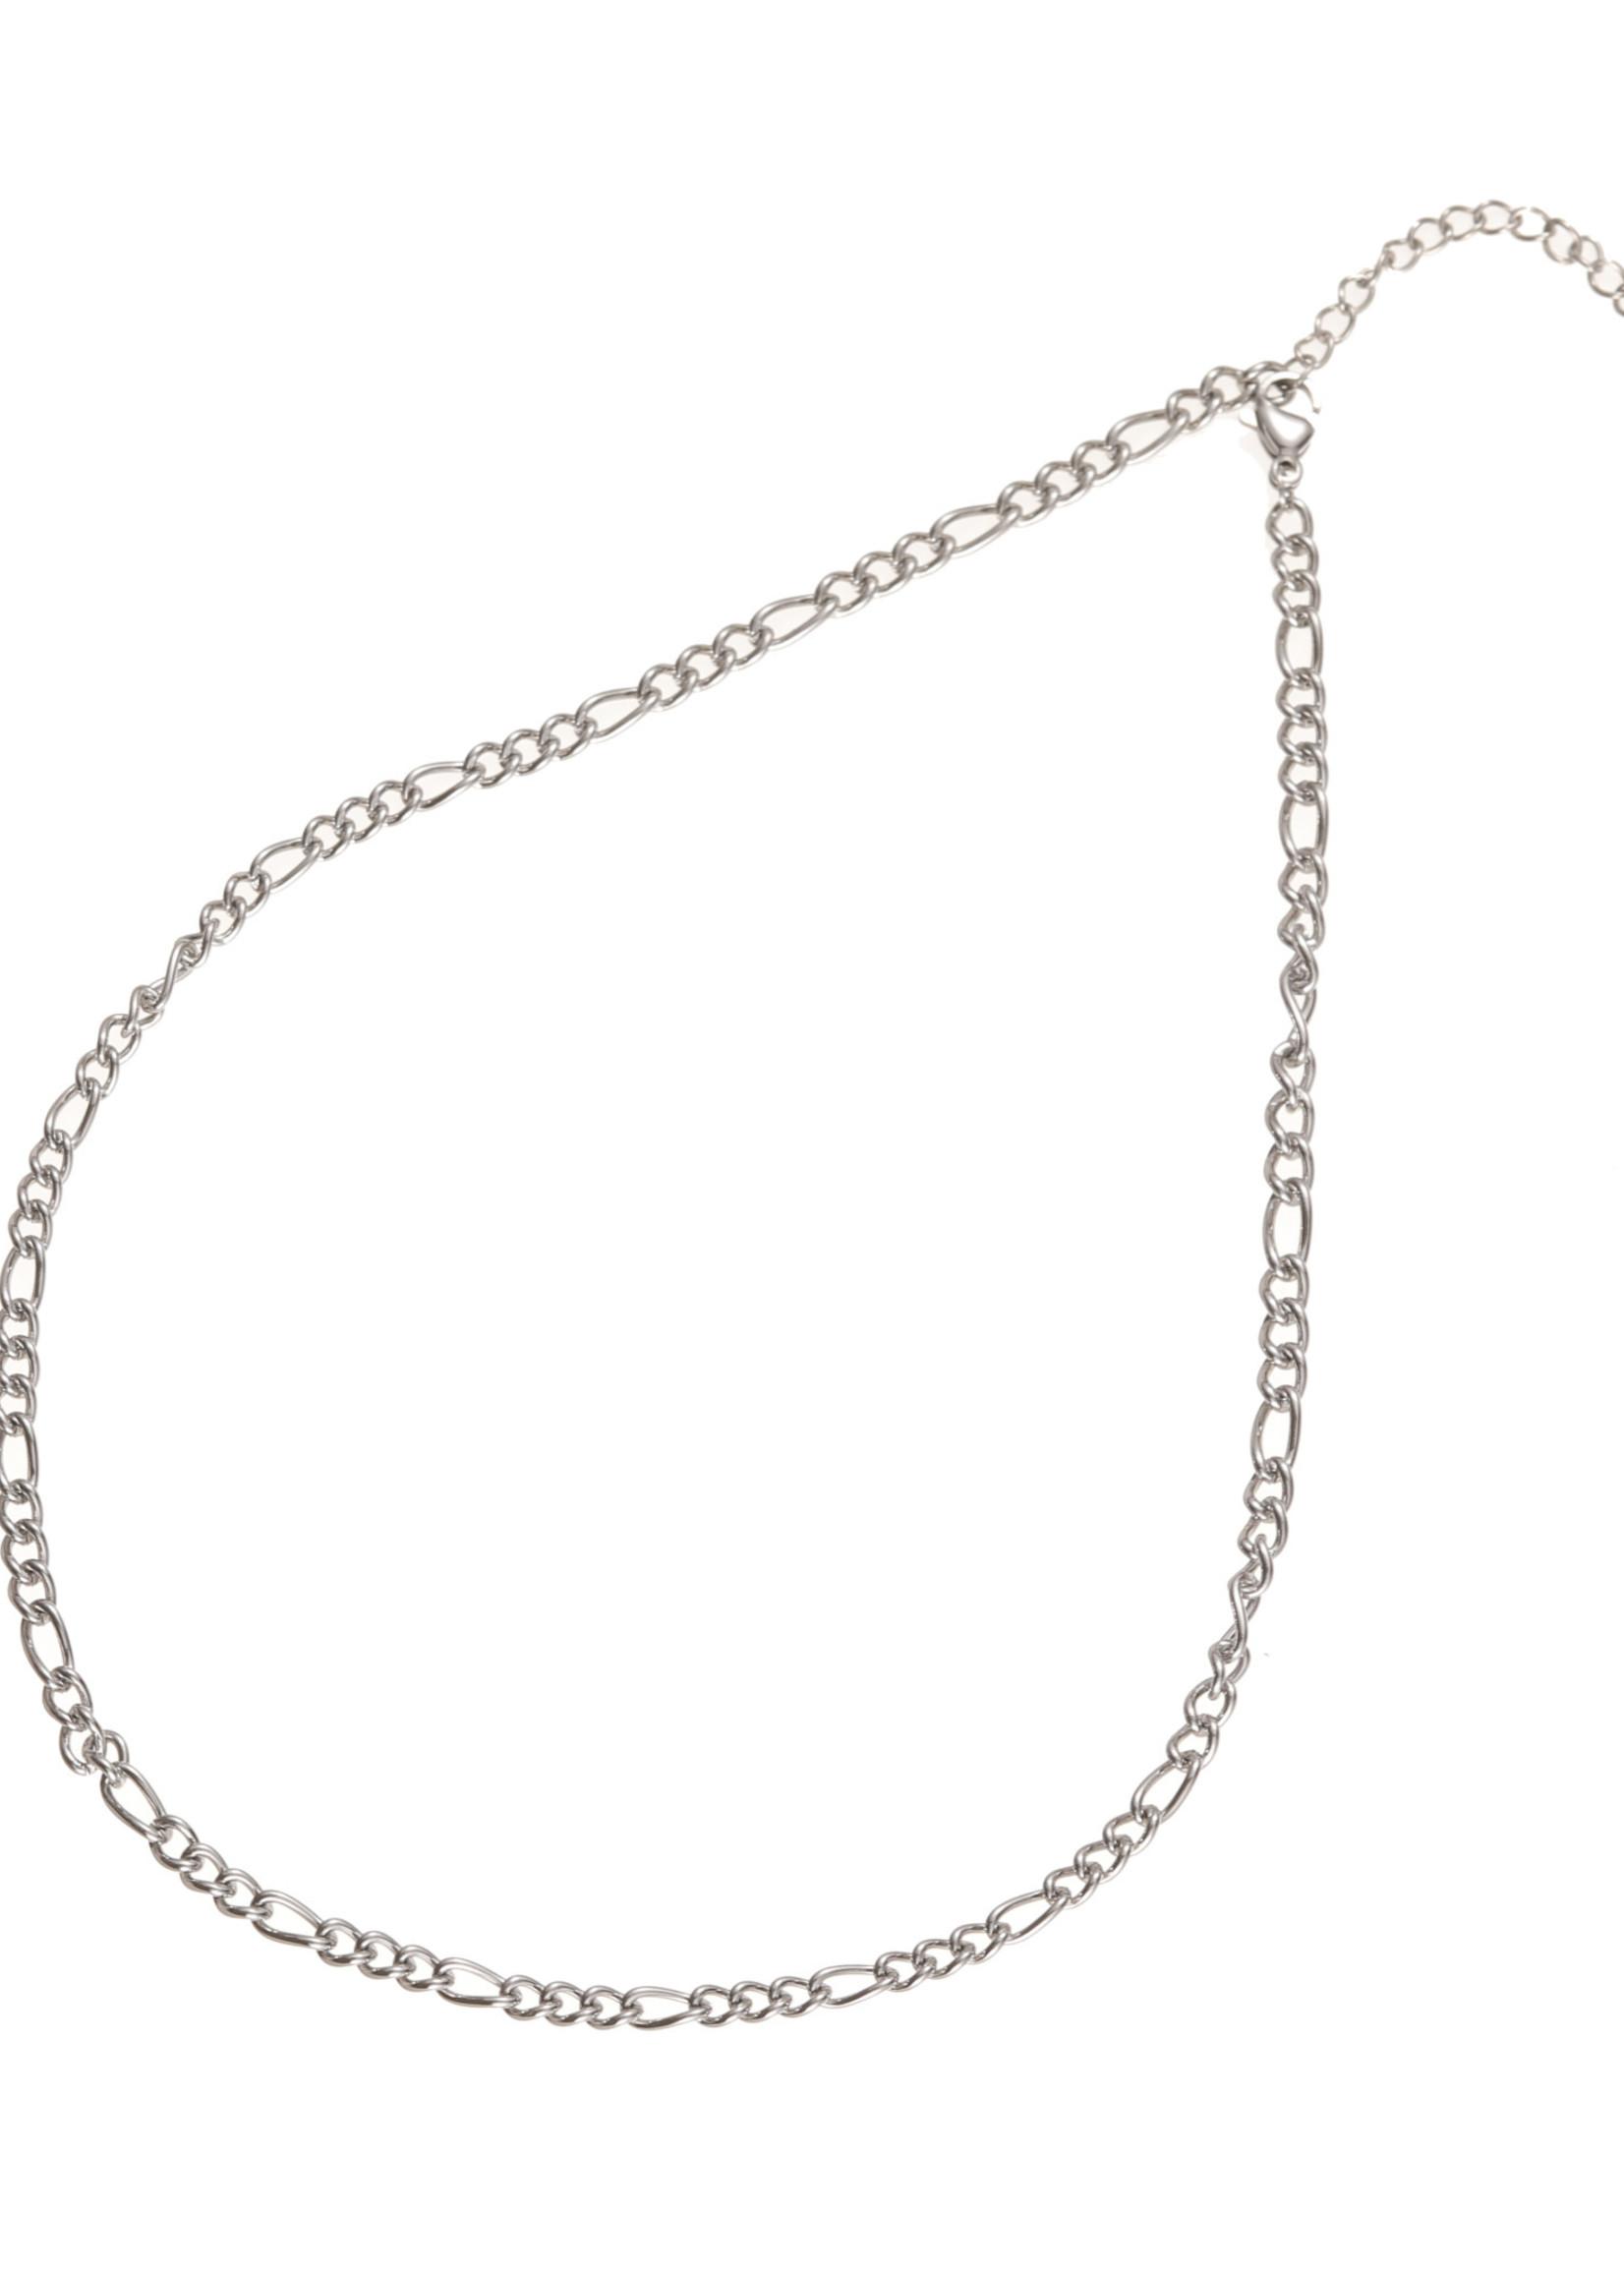 Ketting zilver met verschillende schakels N1860-1